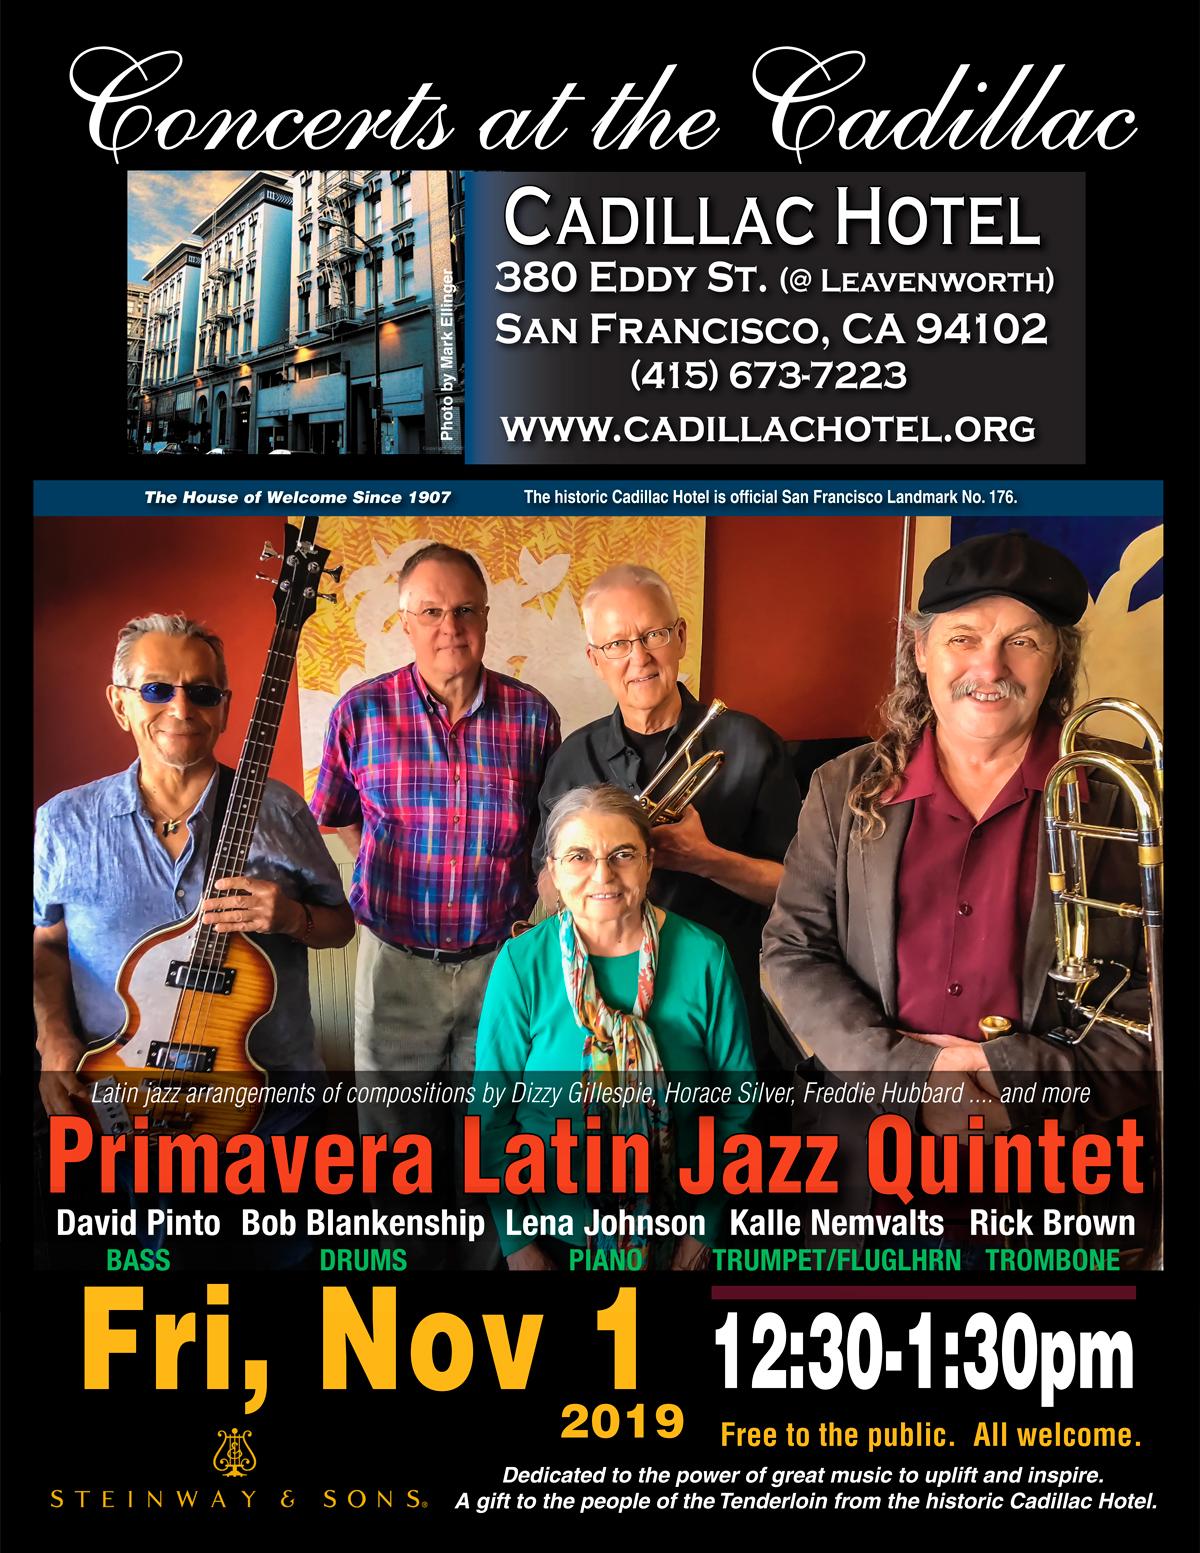 Primavera Latin Jazz Quintet